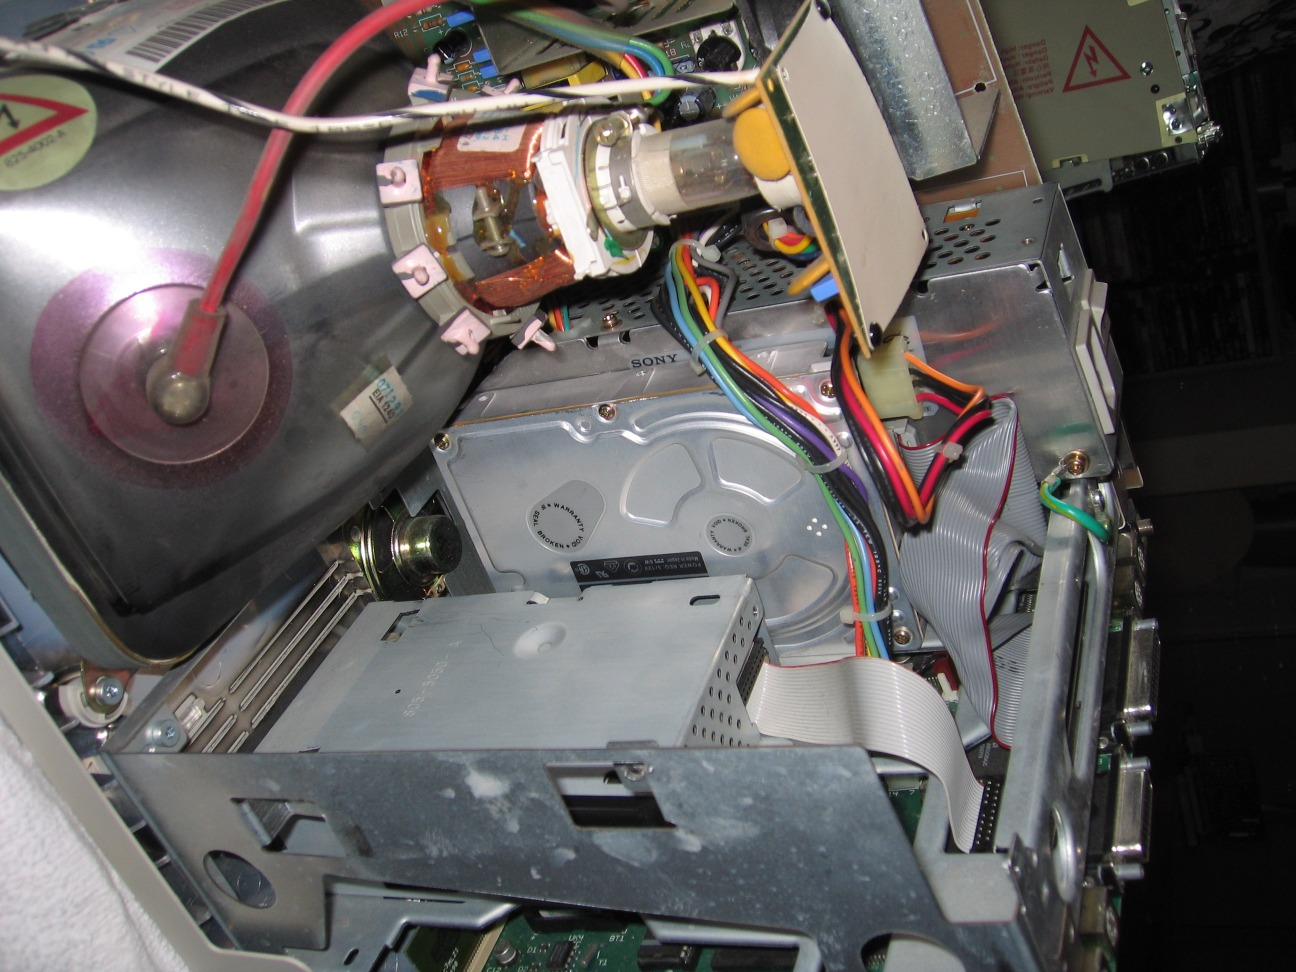 SE/30 Quantum drive on side